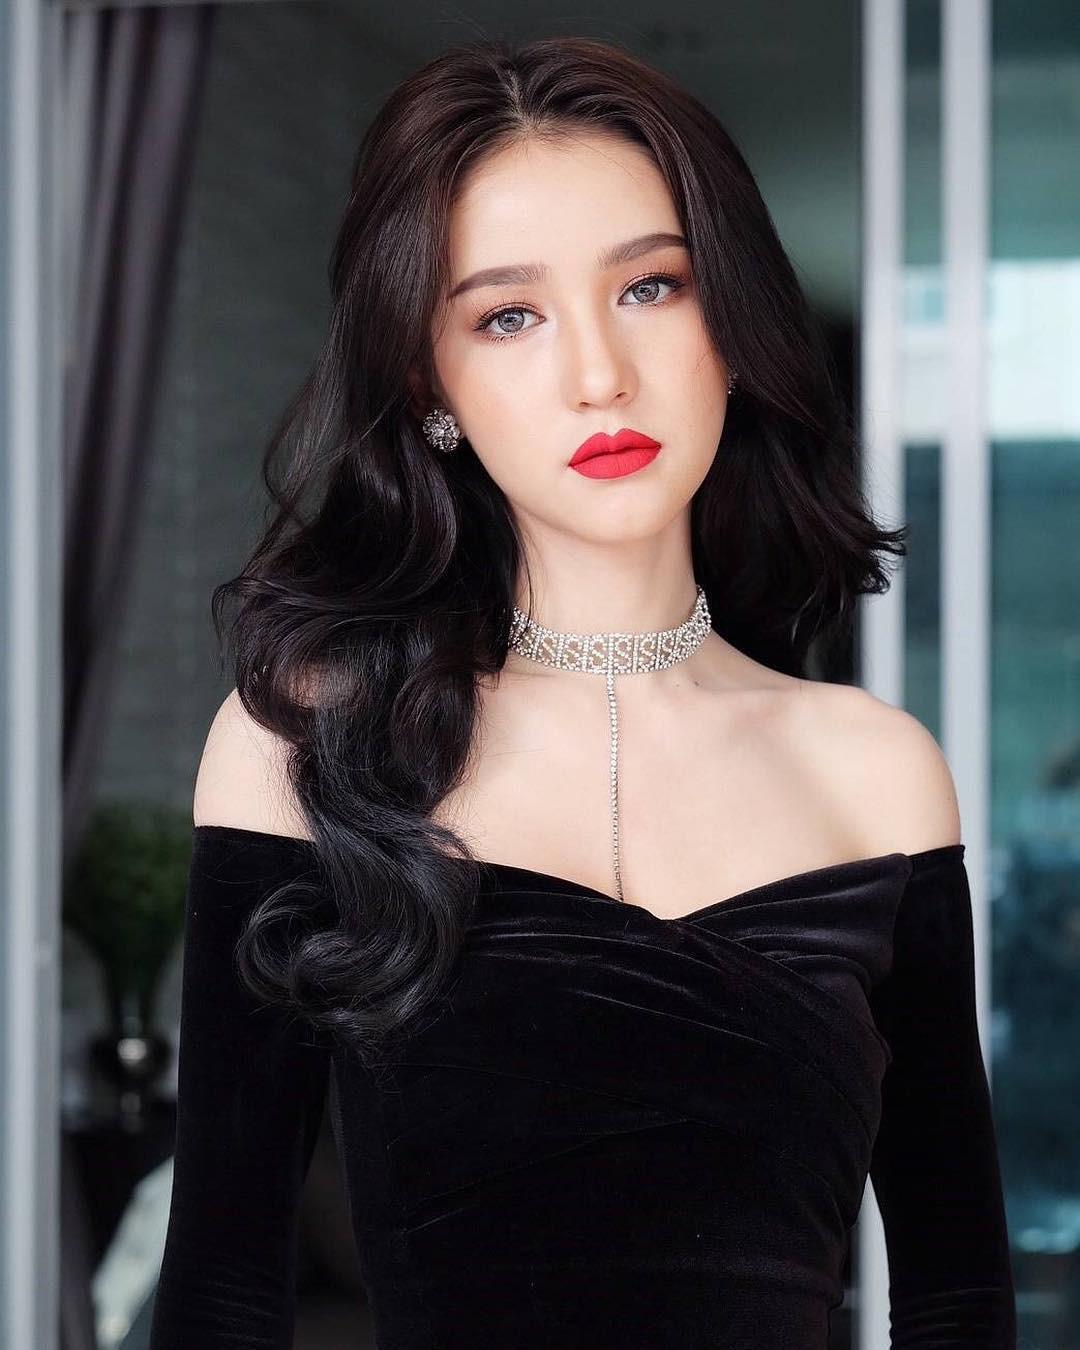 Có đối thủ nặng ký này của Thái Lan, cuộc đua vương miện của Hương Giang tại Hoa hậu Chuyển giới Quốc tế lại càng hấp dẫn! - Ảnh 5.